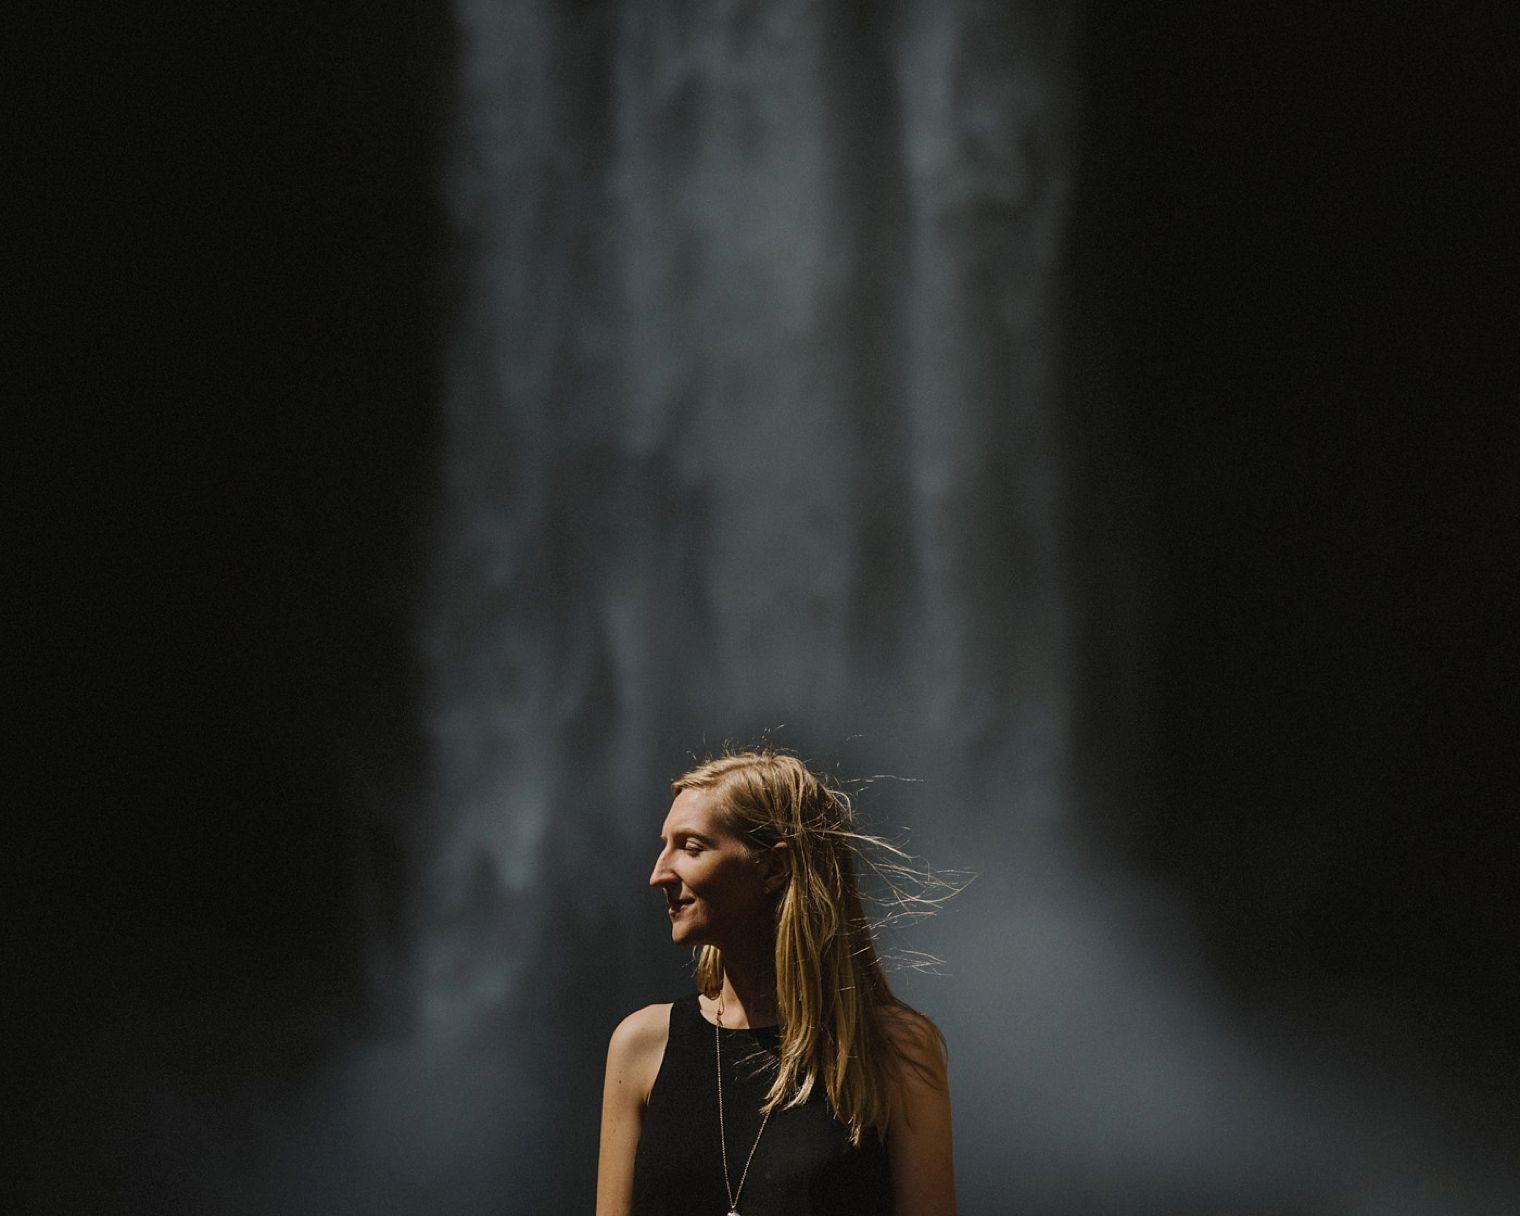 unique waterfall portrait